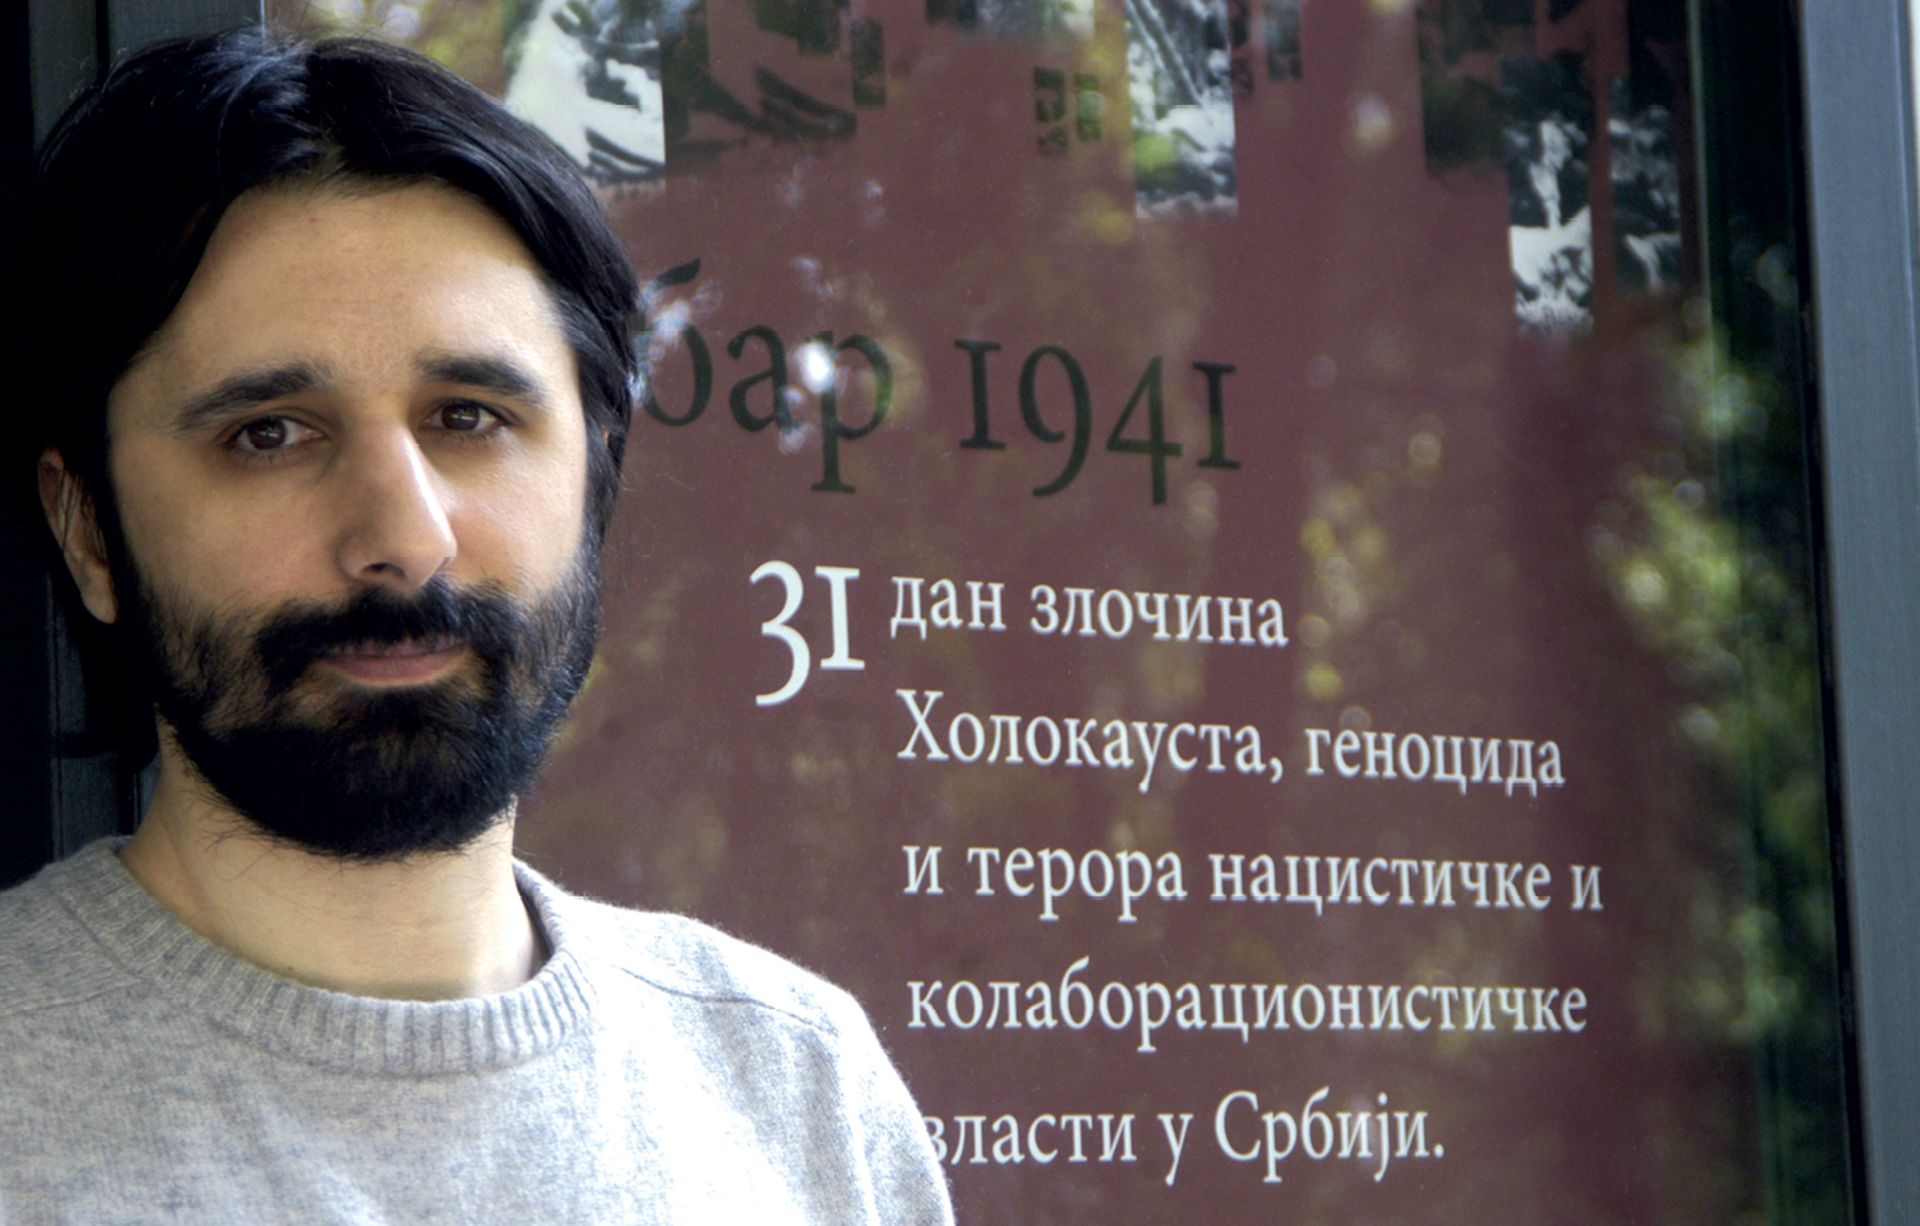 INTERVIEW: MILOVAN PISARRI 'U Srbiji se dogodio shizoidni preokret u kojem je Mihailović postao nositelj antifašizma'